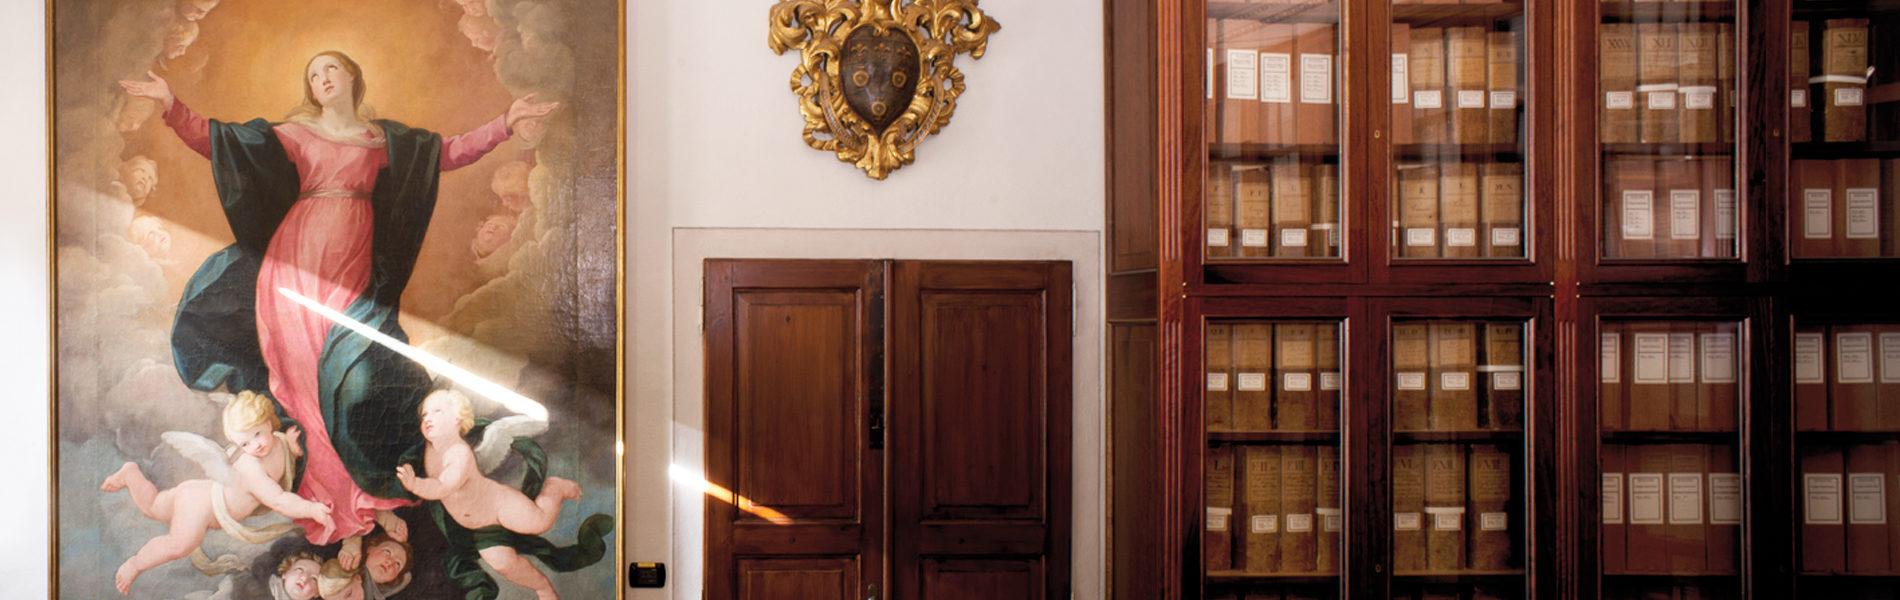 Archivio-sito